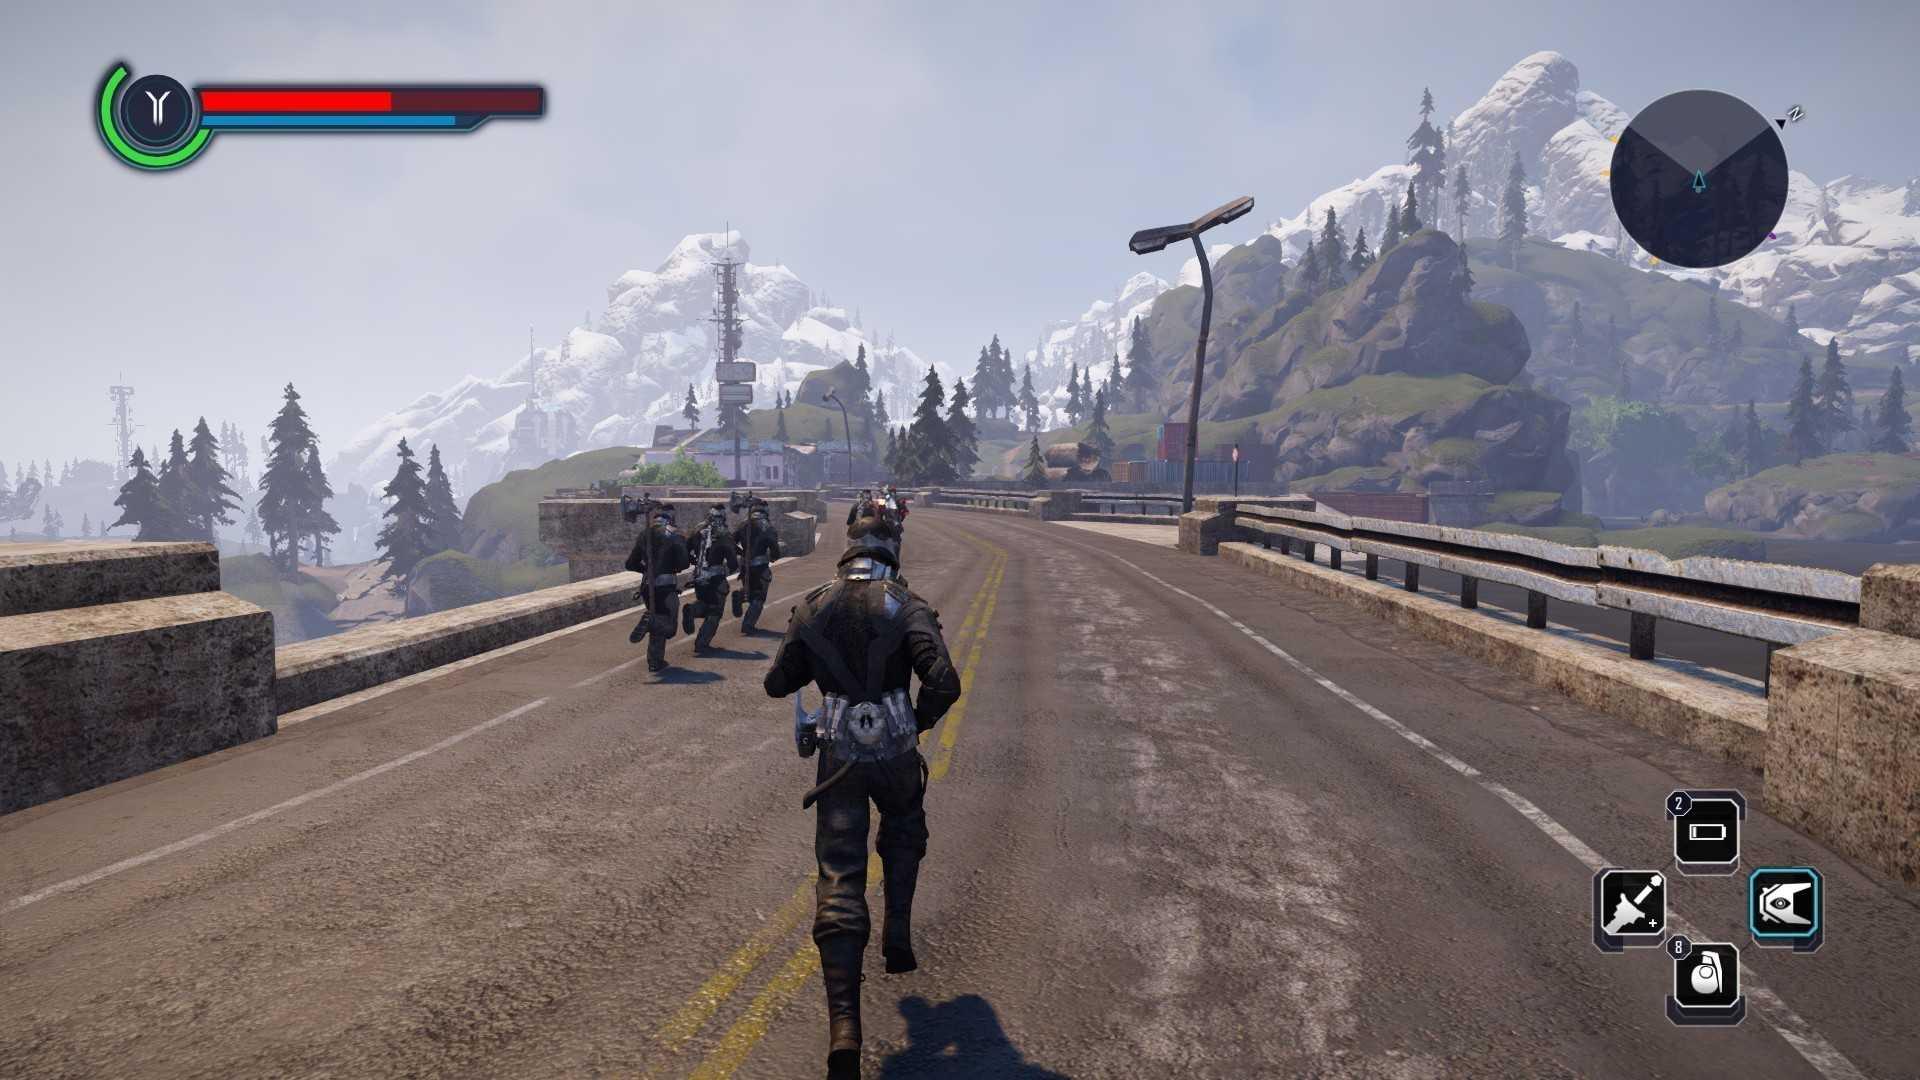 Das Rollenspiel ELEX bietet eine große, offene Welt. Überall gibt es etwas zu entdecken.